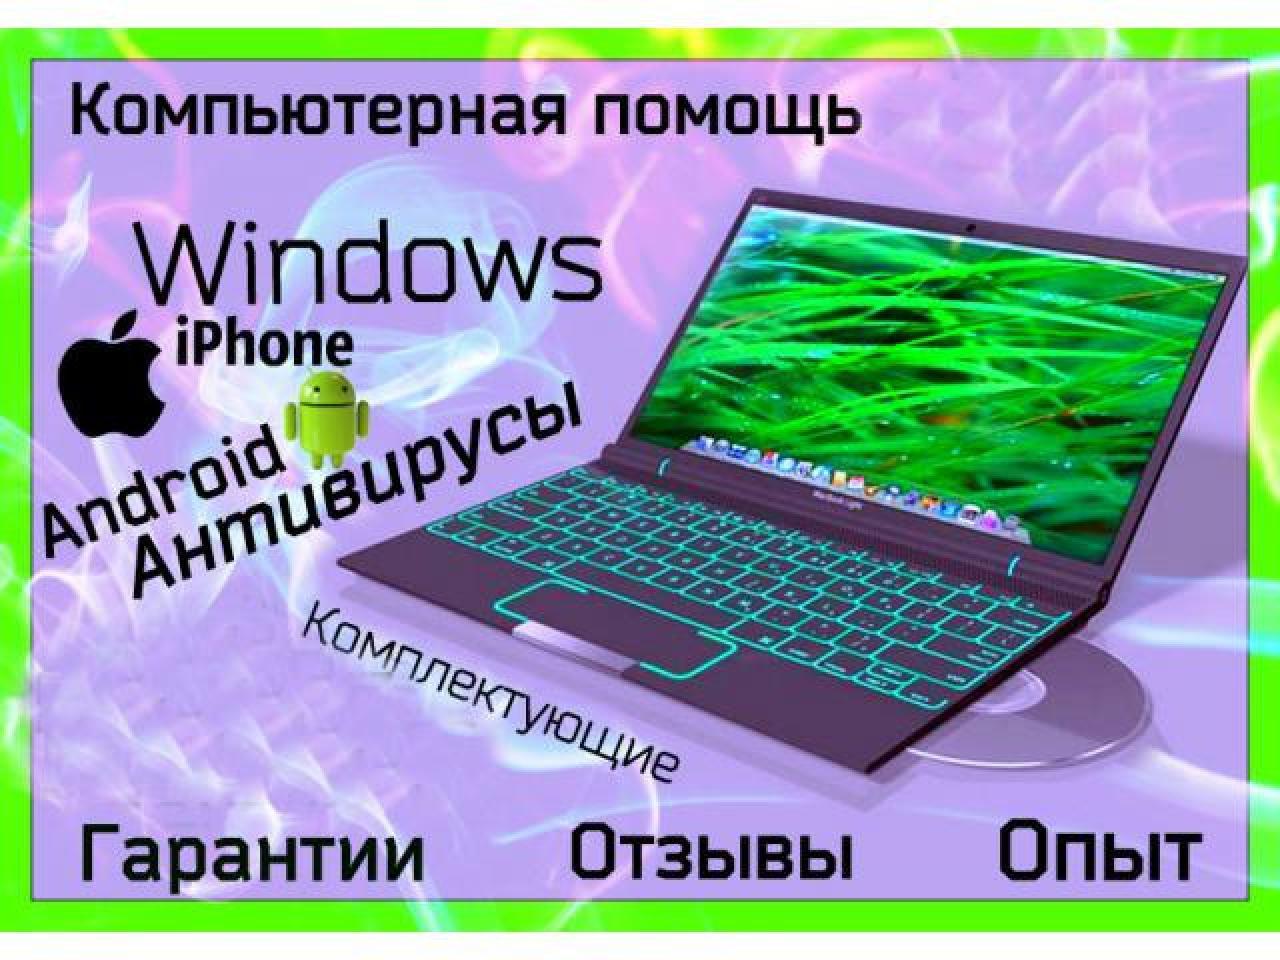 Дистанционная компьютерная помощь (онлайн). Присутствуют отзывы клиентов, опыт!v - 1